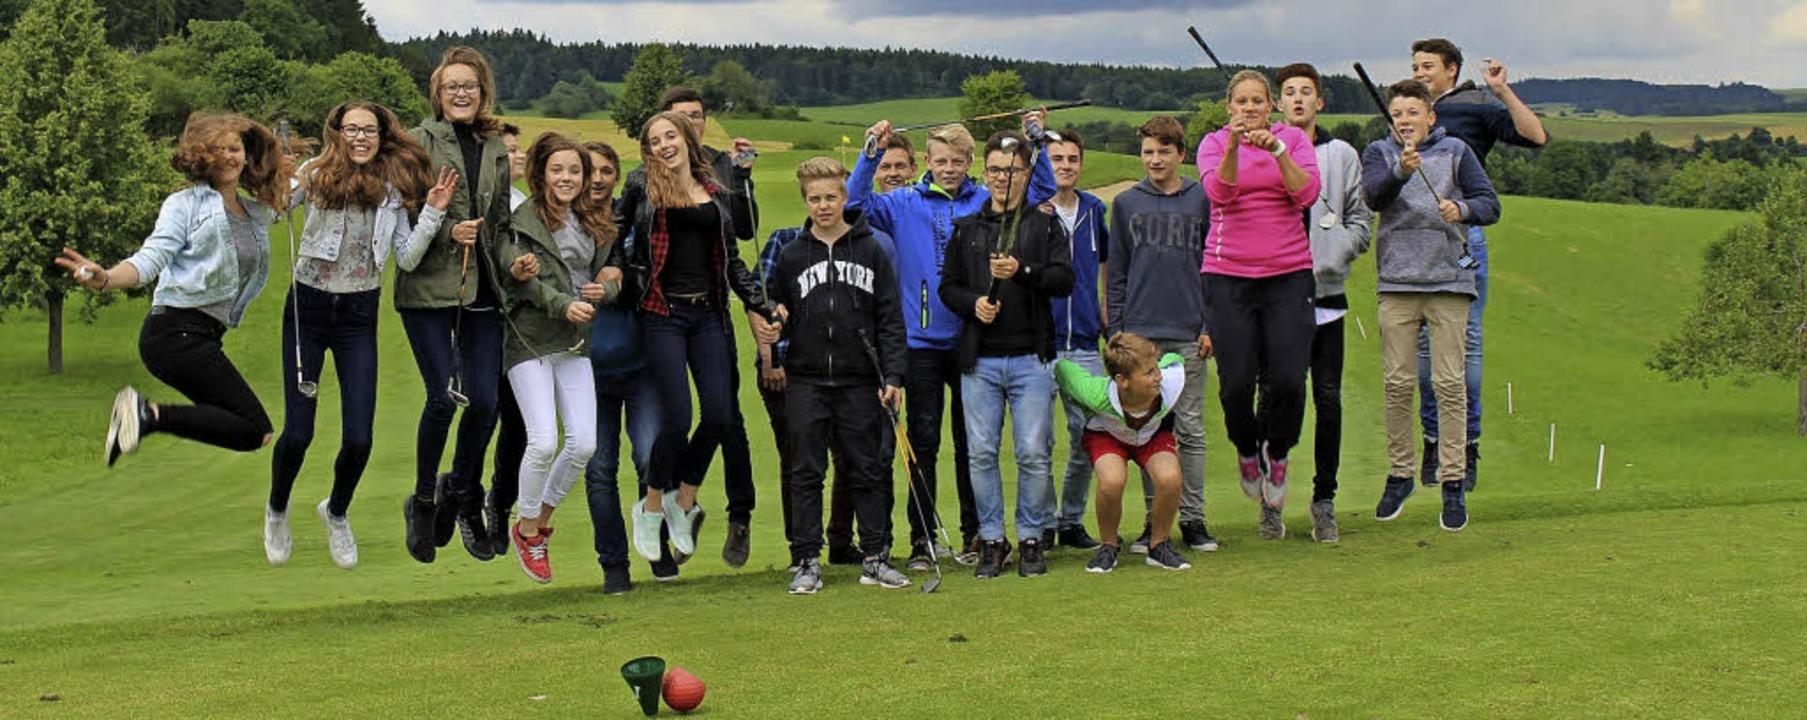 Das golfende Klassenzimmer der Realschule Bonndorf   | Foto: Golfclub Obere Alp